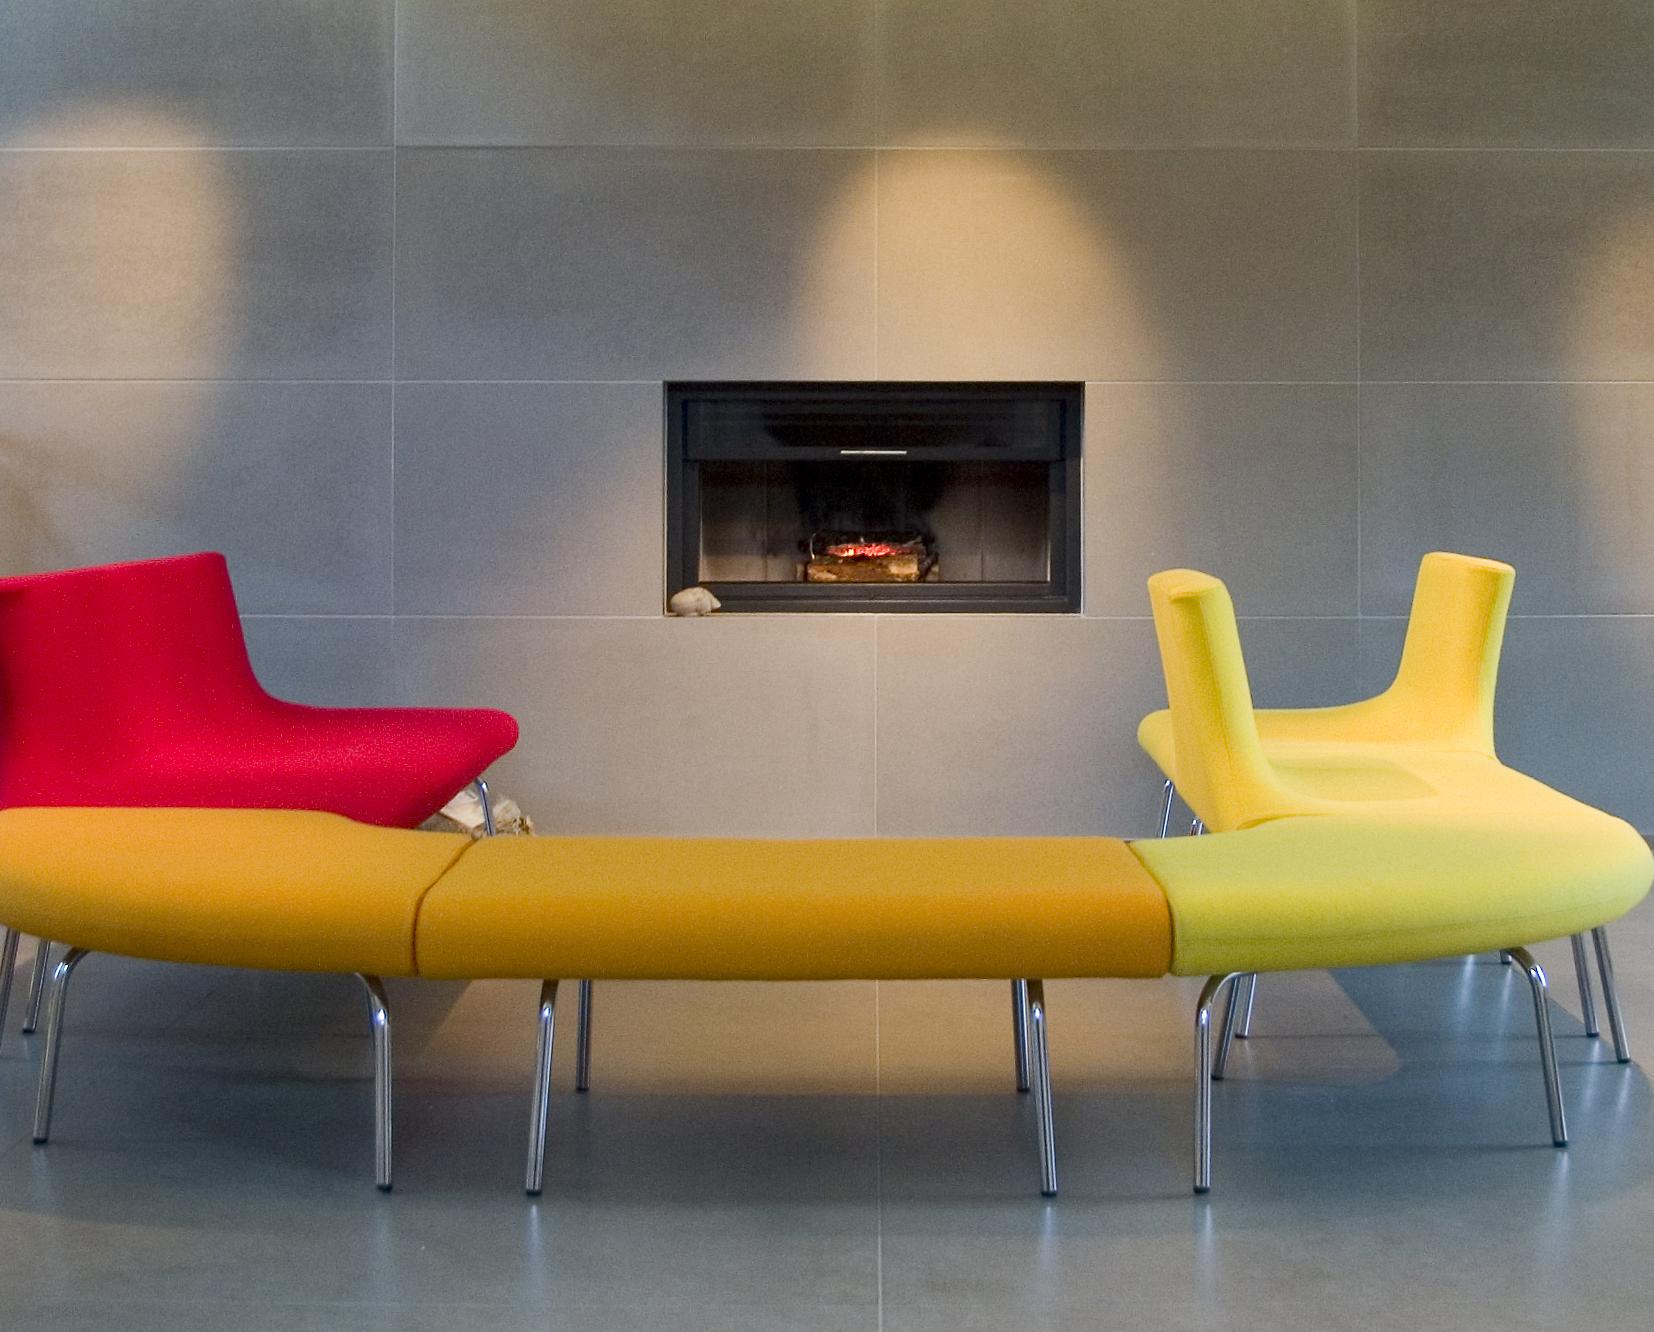 betongens-hus-soffa-spis.jpg